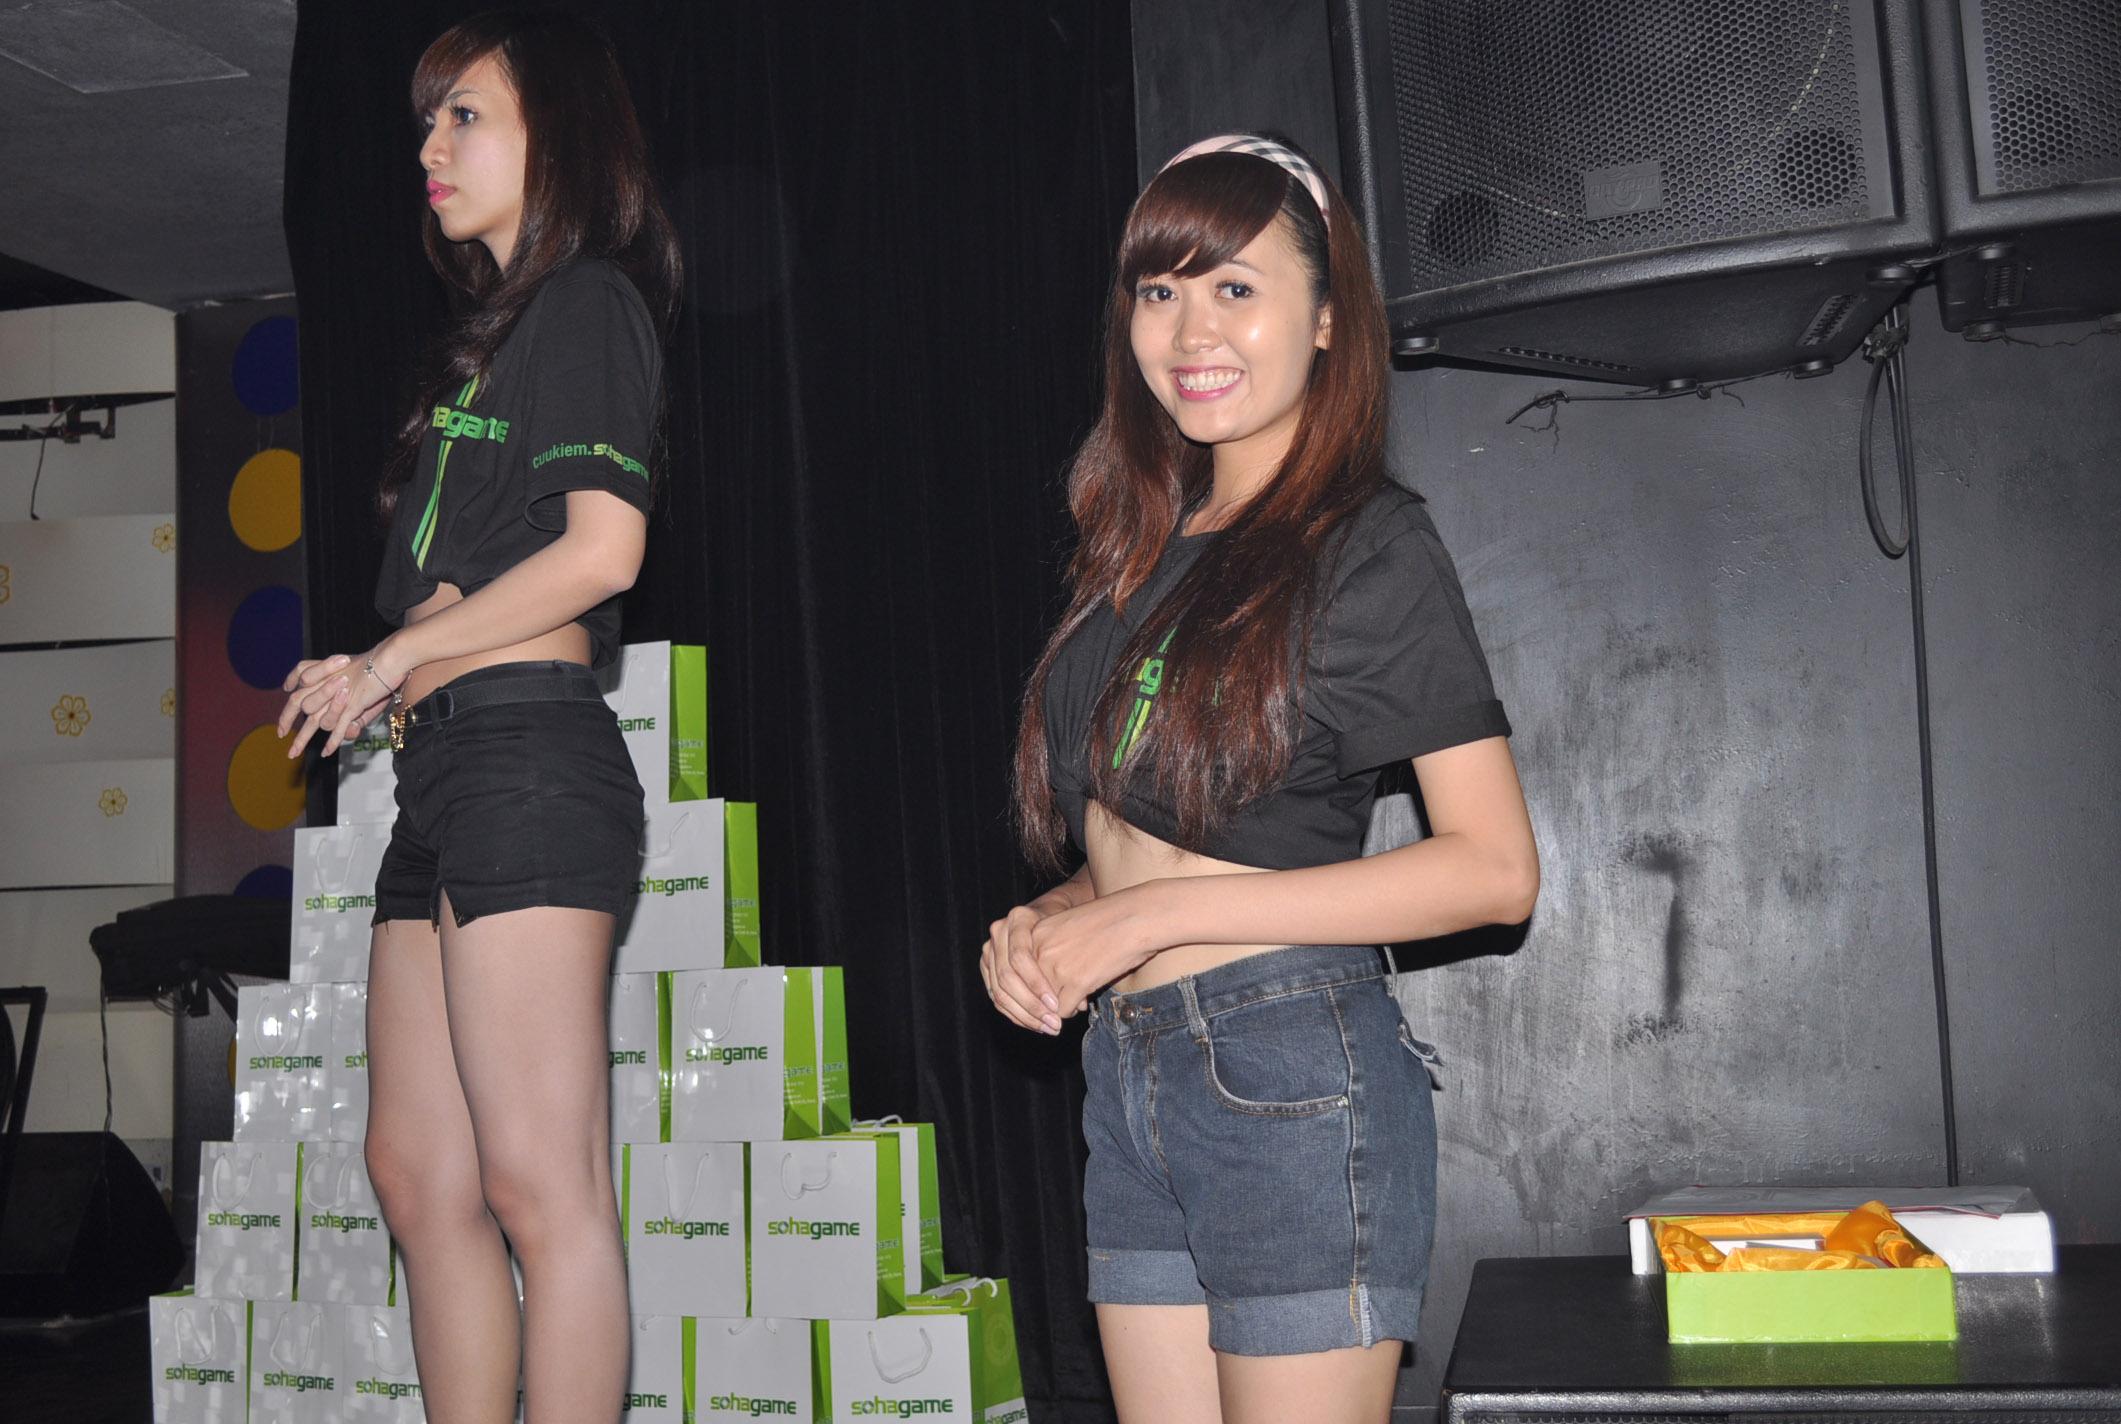 Những cô nàng xinh đẹp tại offline Độc Cô Cửu Kiếm - Ảnh 4